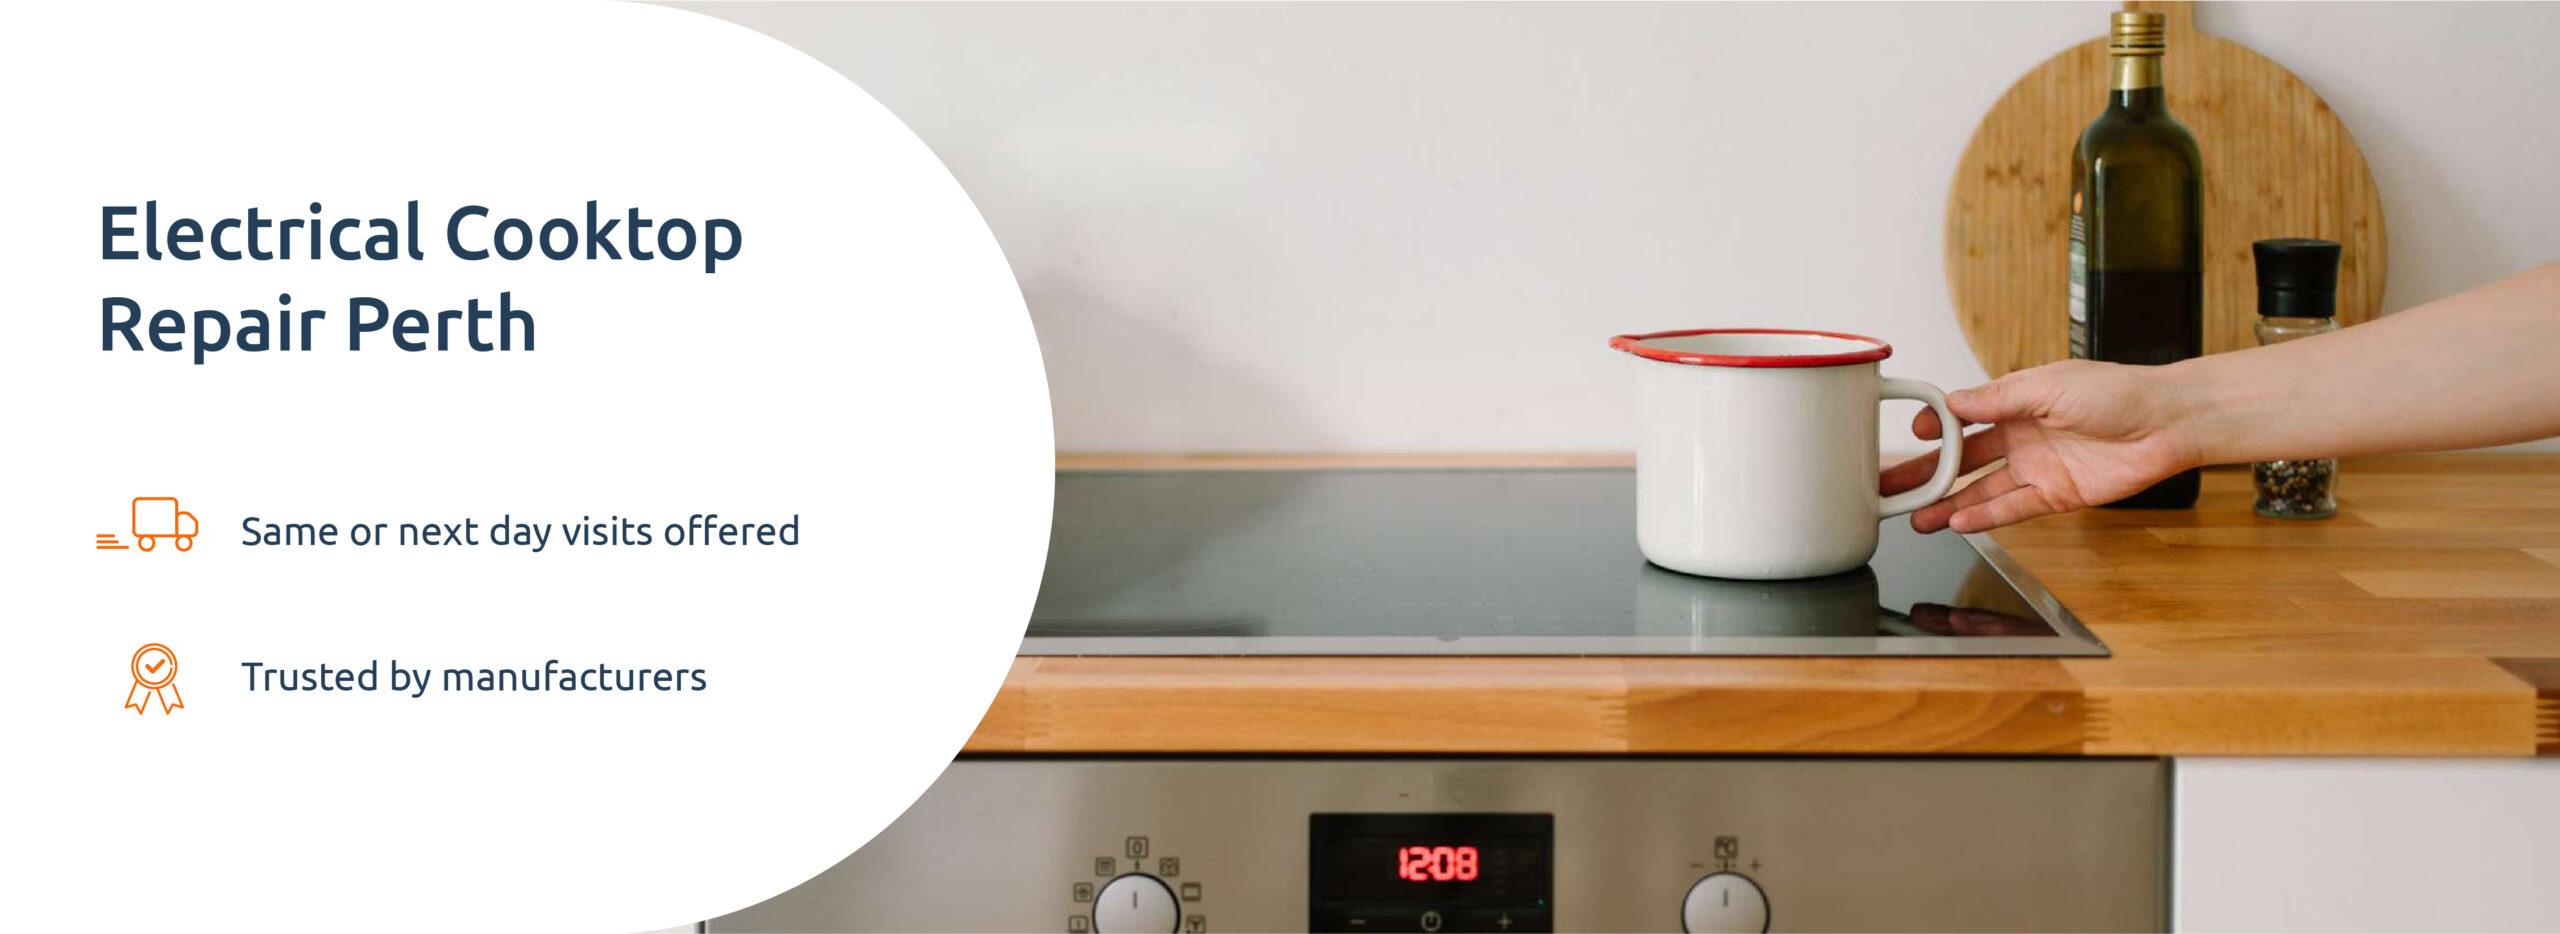 electrical cooktop repair